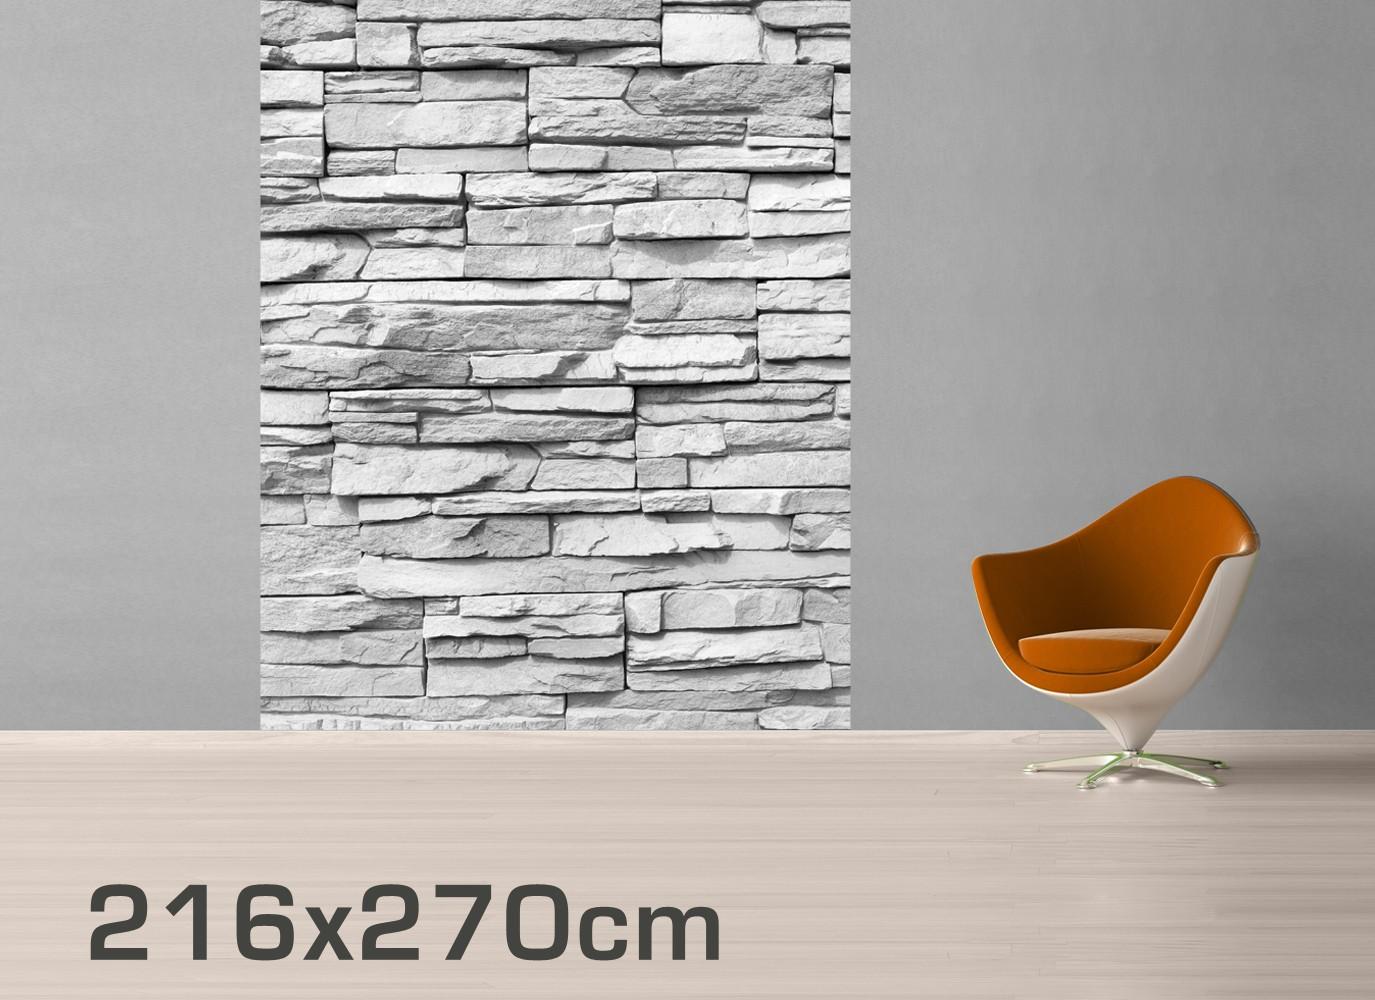 steintapete selbstklebend ashlar masonry fototapete steinoptik. Black Bedroom Furniture Sets. Home Design Ideas